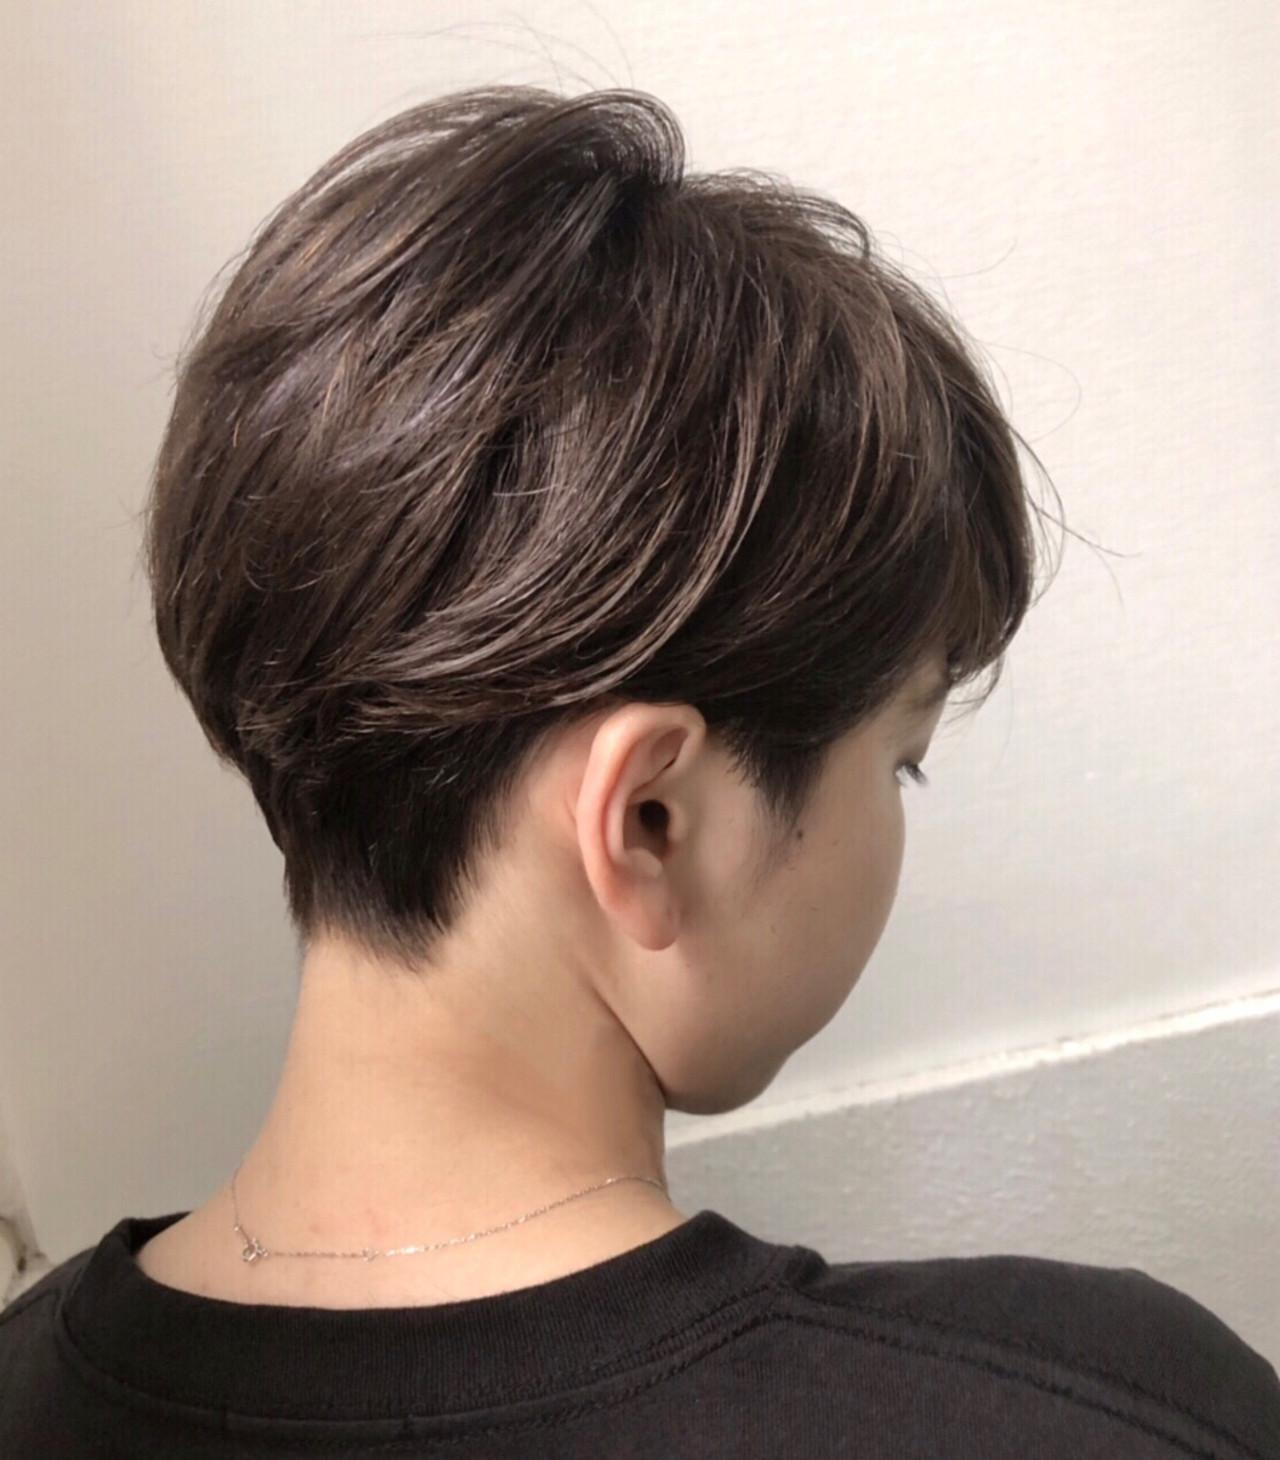 透明感 ショート ハイライト グレージュ ヘアスタイルや髪型の写真・画像